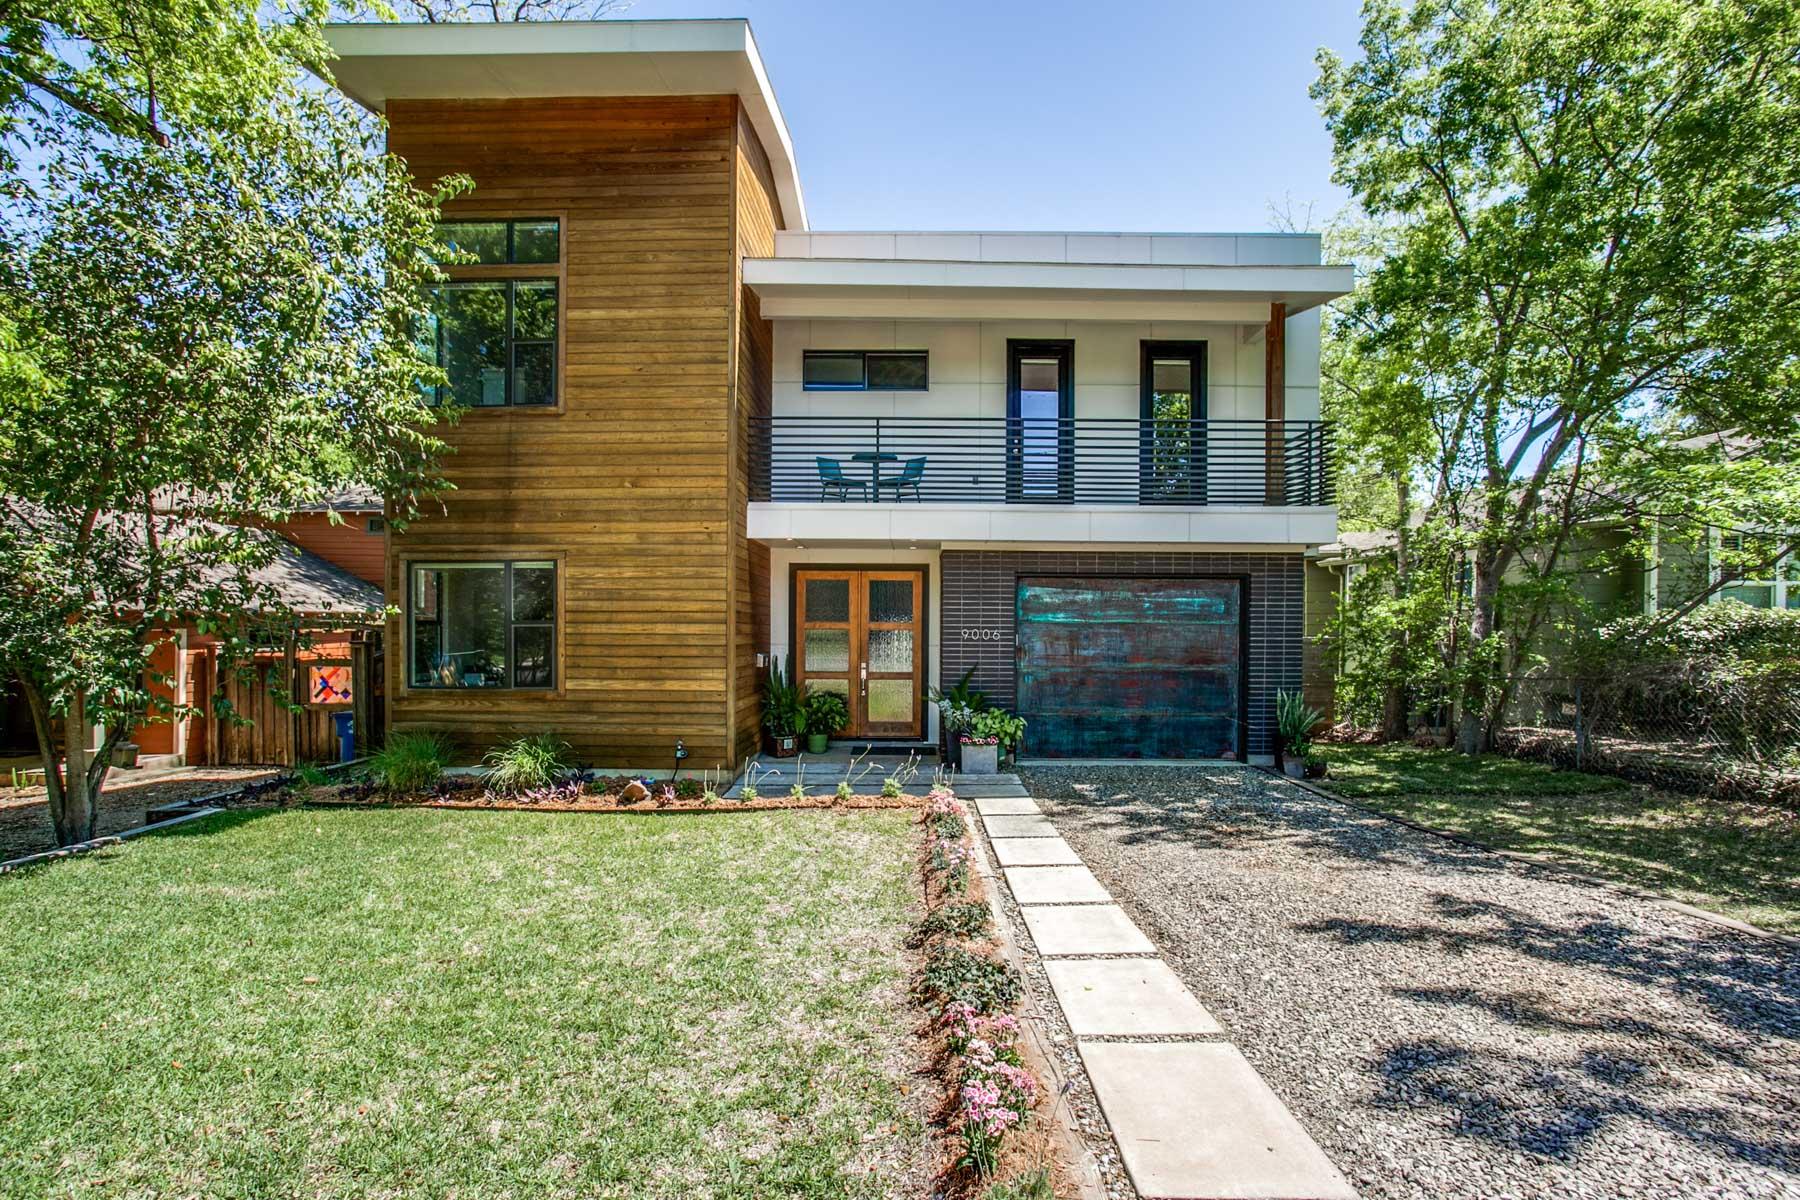 独户住宅 为 销售 在 9006 San Leandro Dr, Dallas 达拉斯, 得克萨斯州, 75218 美国